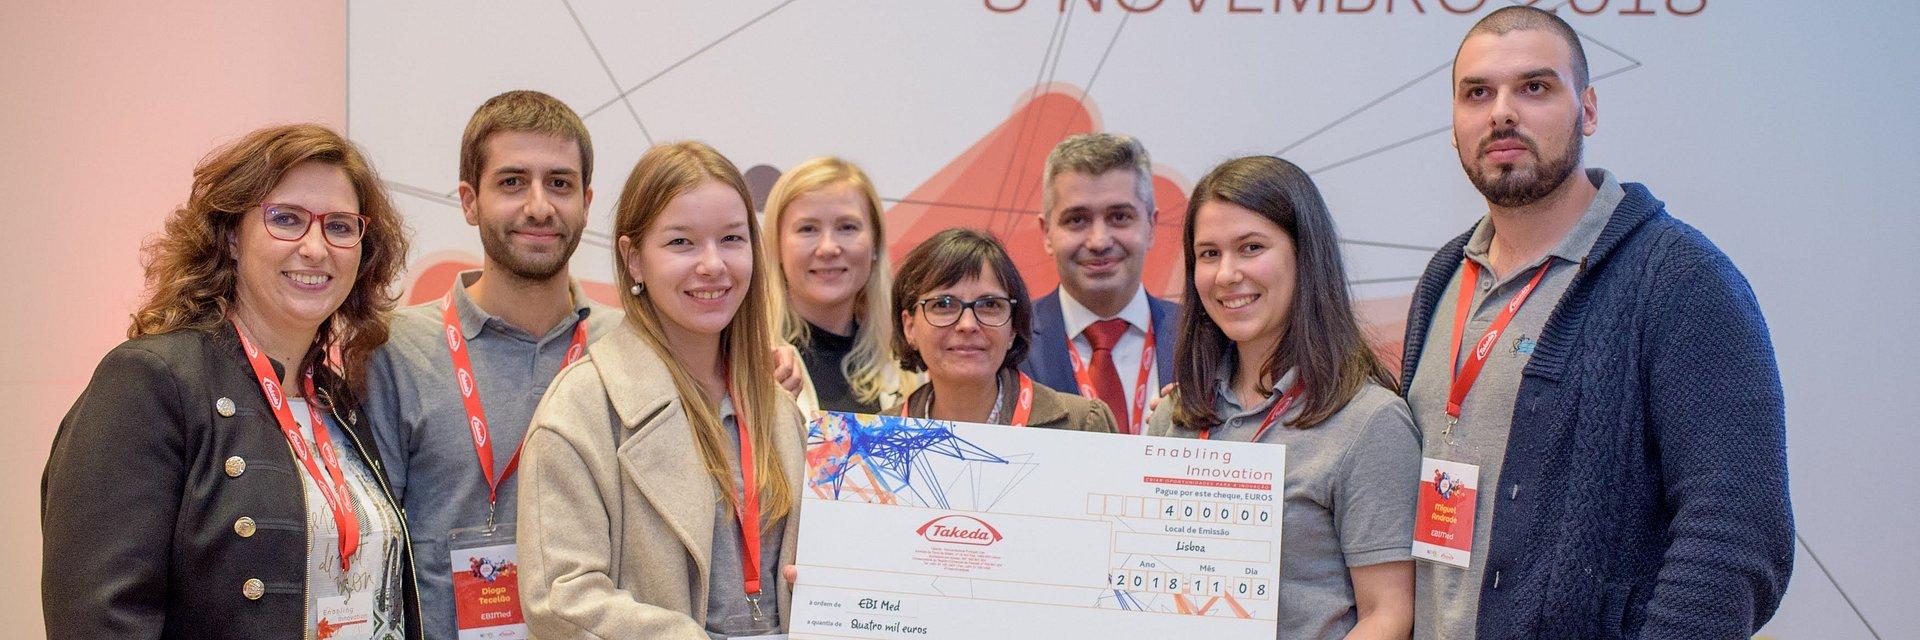 Monitor de tosse C-Mo é o projeto vencedor desta competição de inovação na saúde